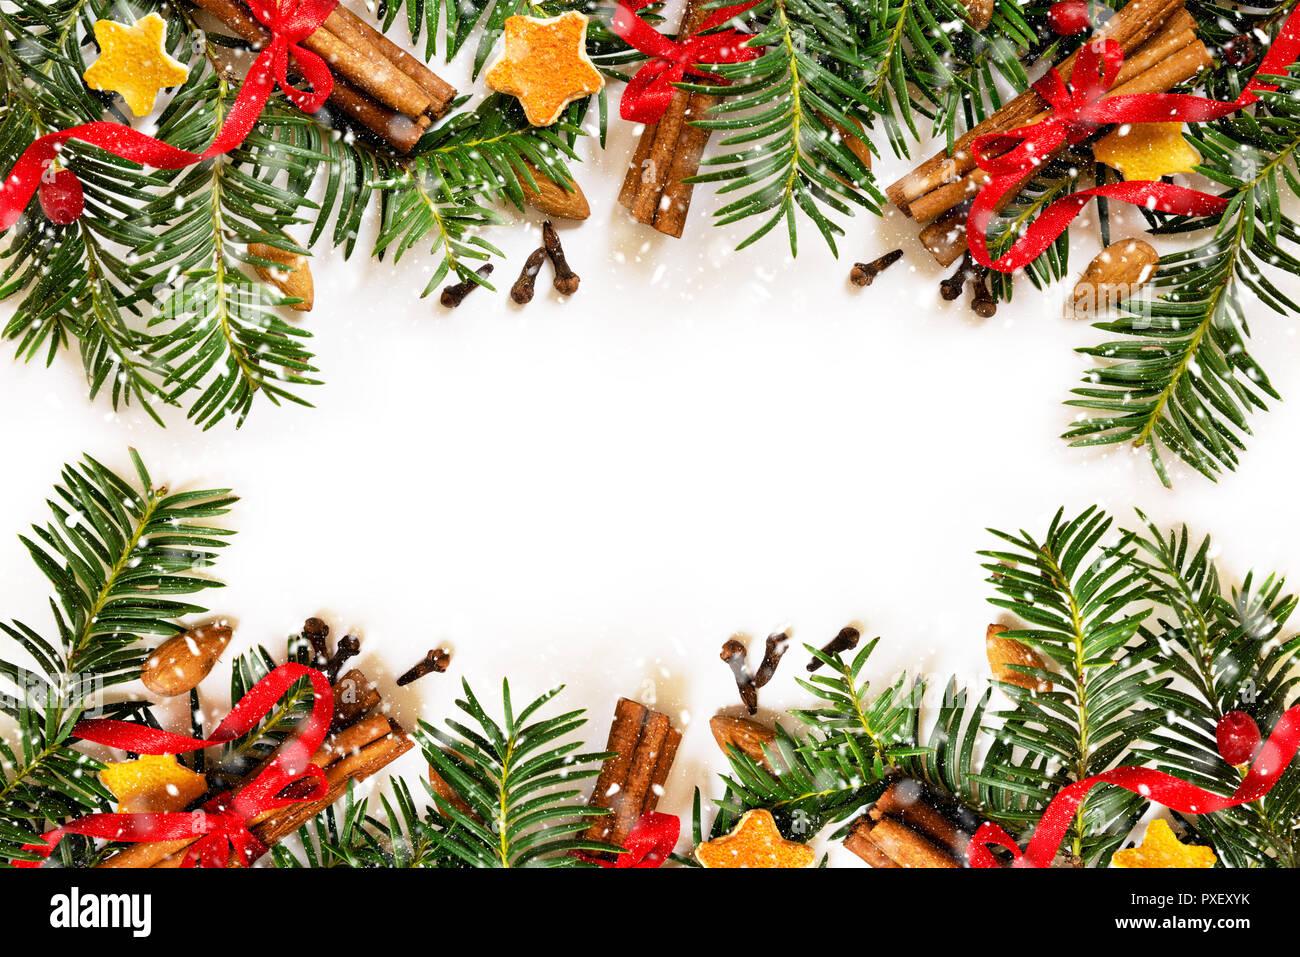 Weihnachtsbilder Tannenzweig.Christmas Border Stock Photos Christmas Border Stock Images Alamy